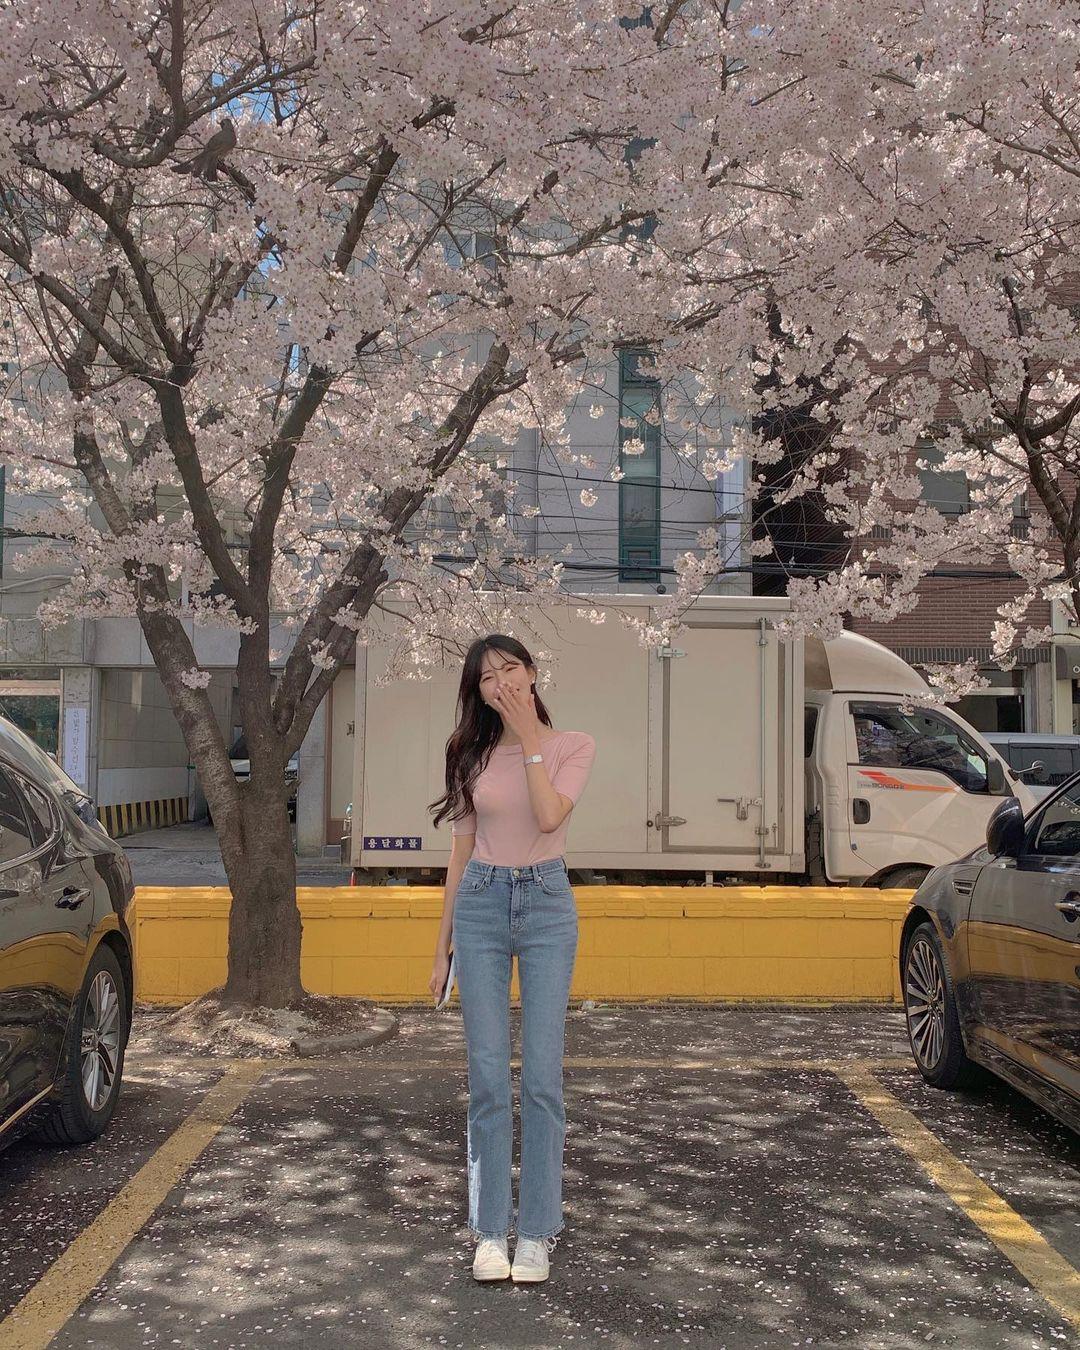 """Học nàng blogger Hàn cách diện jeans """"đỉnh của chóp"""": Vừa hack dáng vừa thanh lịch để diện đến sở làm - Ảnh 3."""